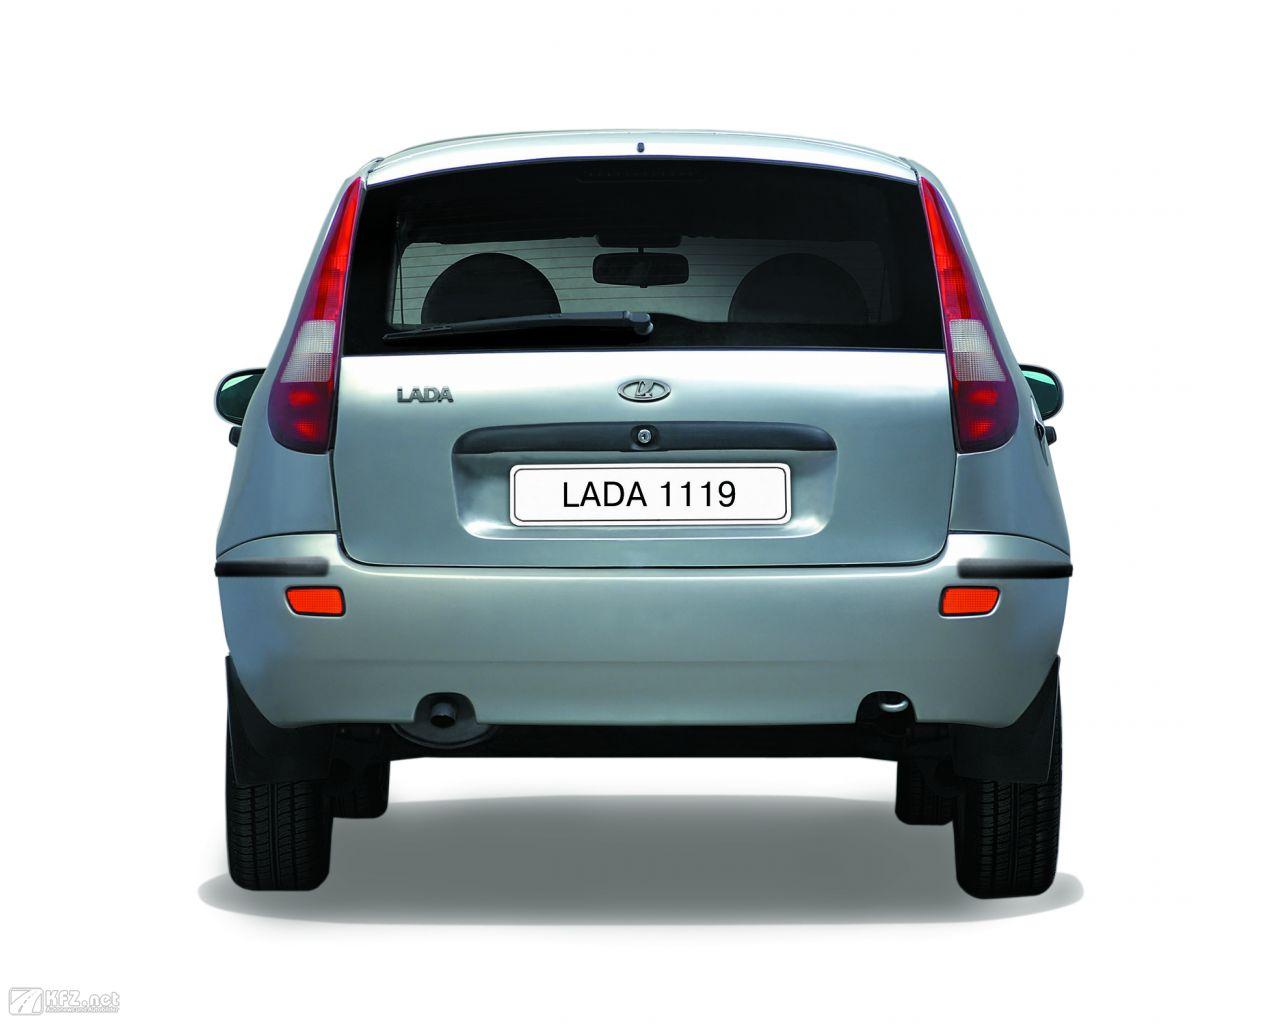 lada-kalina-1119-1280x1024-2